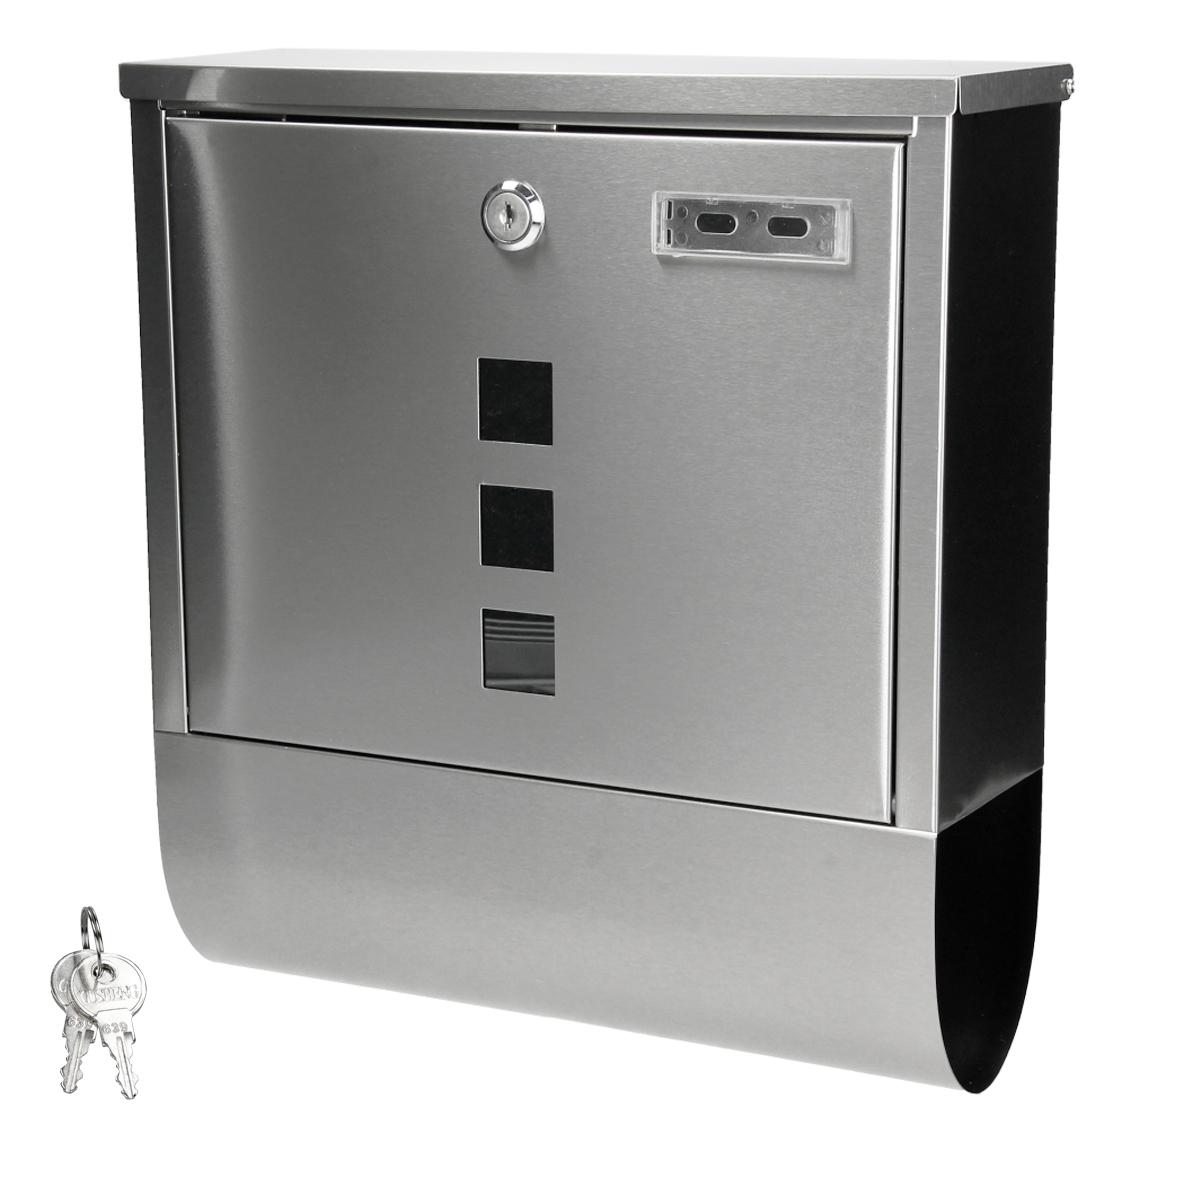 briefkasten wandbriefkasten edelstahl postkasten zeitungsfach und zeitungsrolle ebay. Black Bedroom Furniture Sets. Home Design Ideas